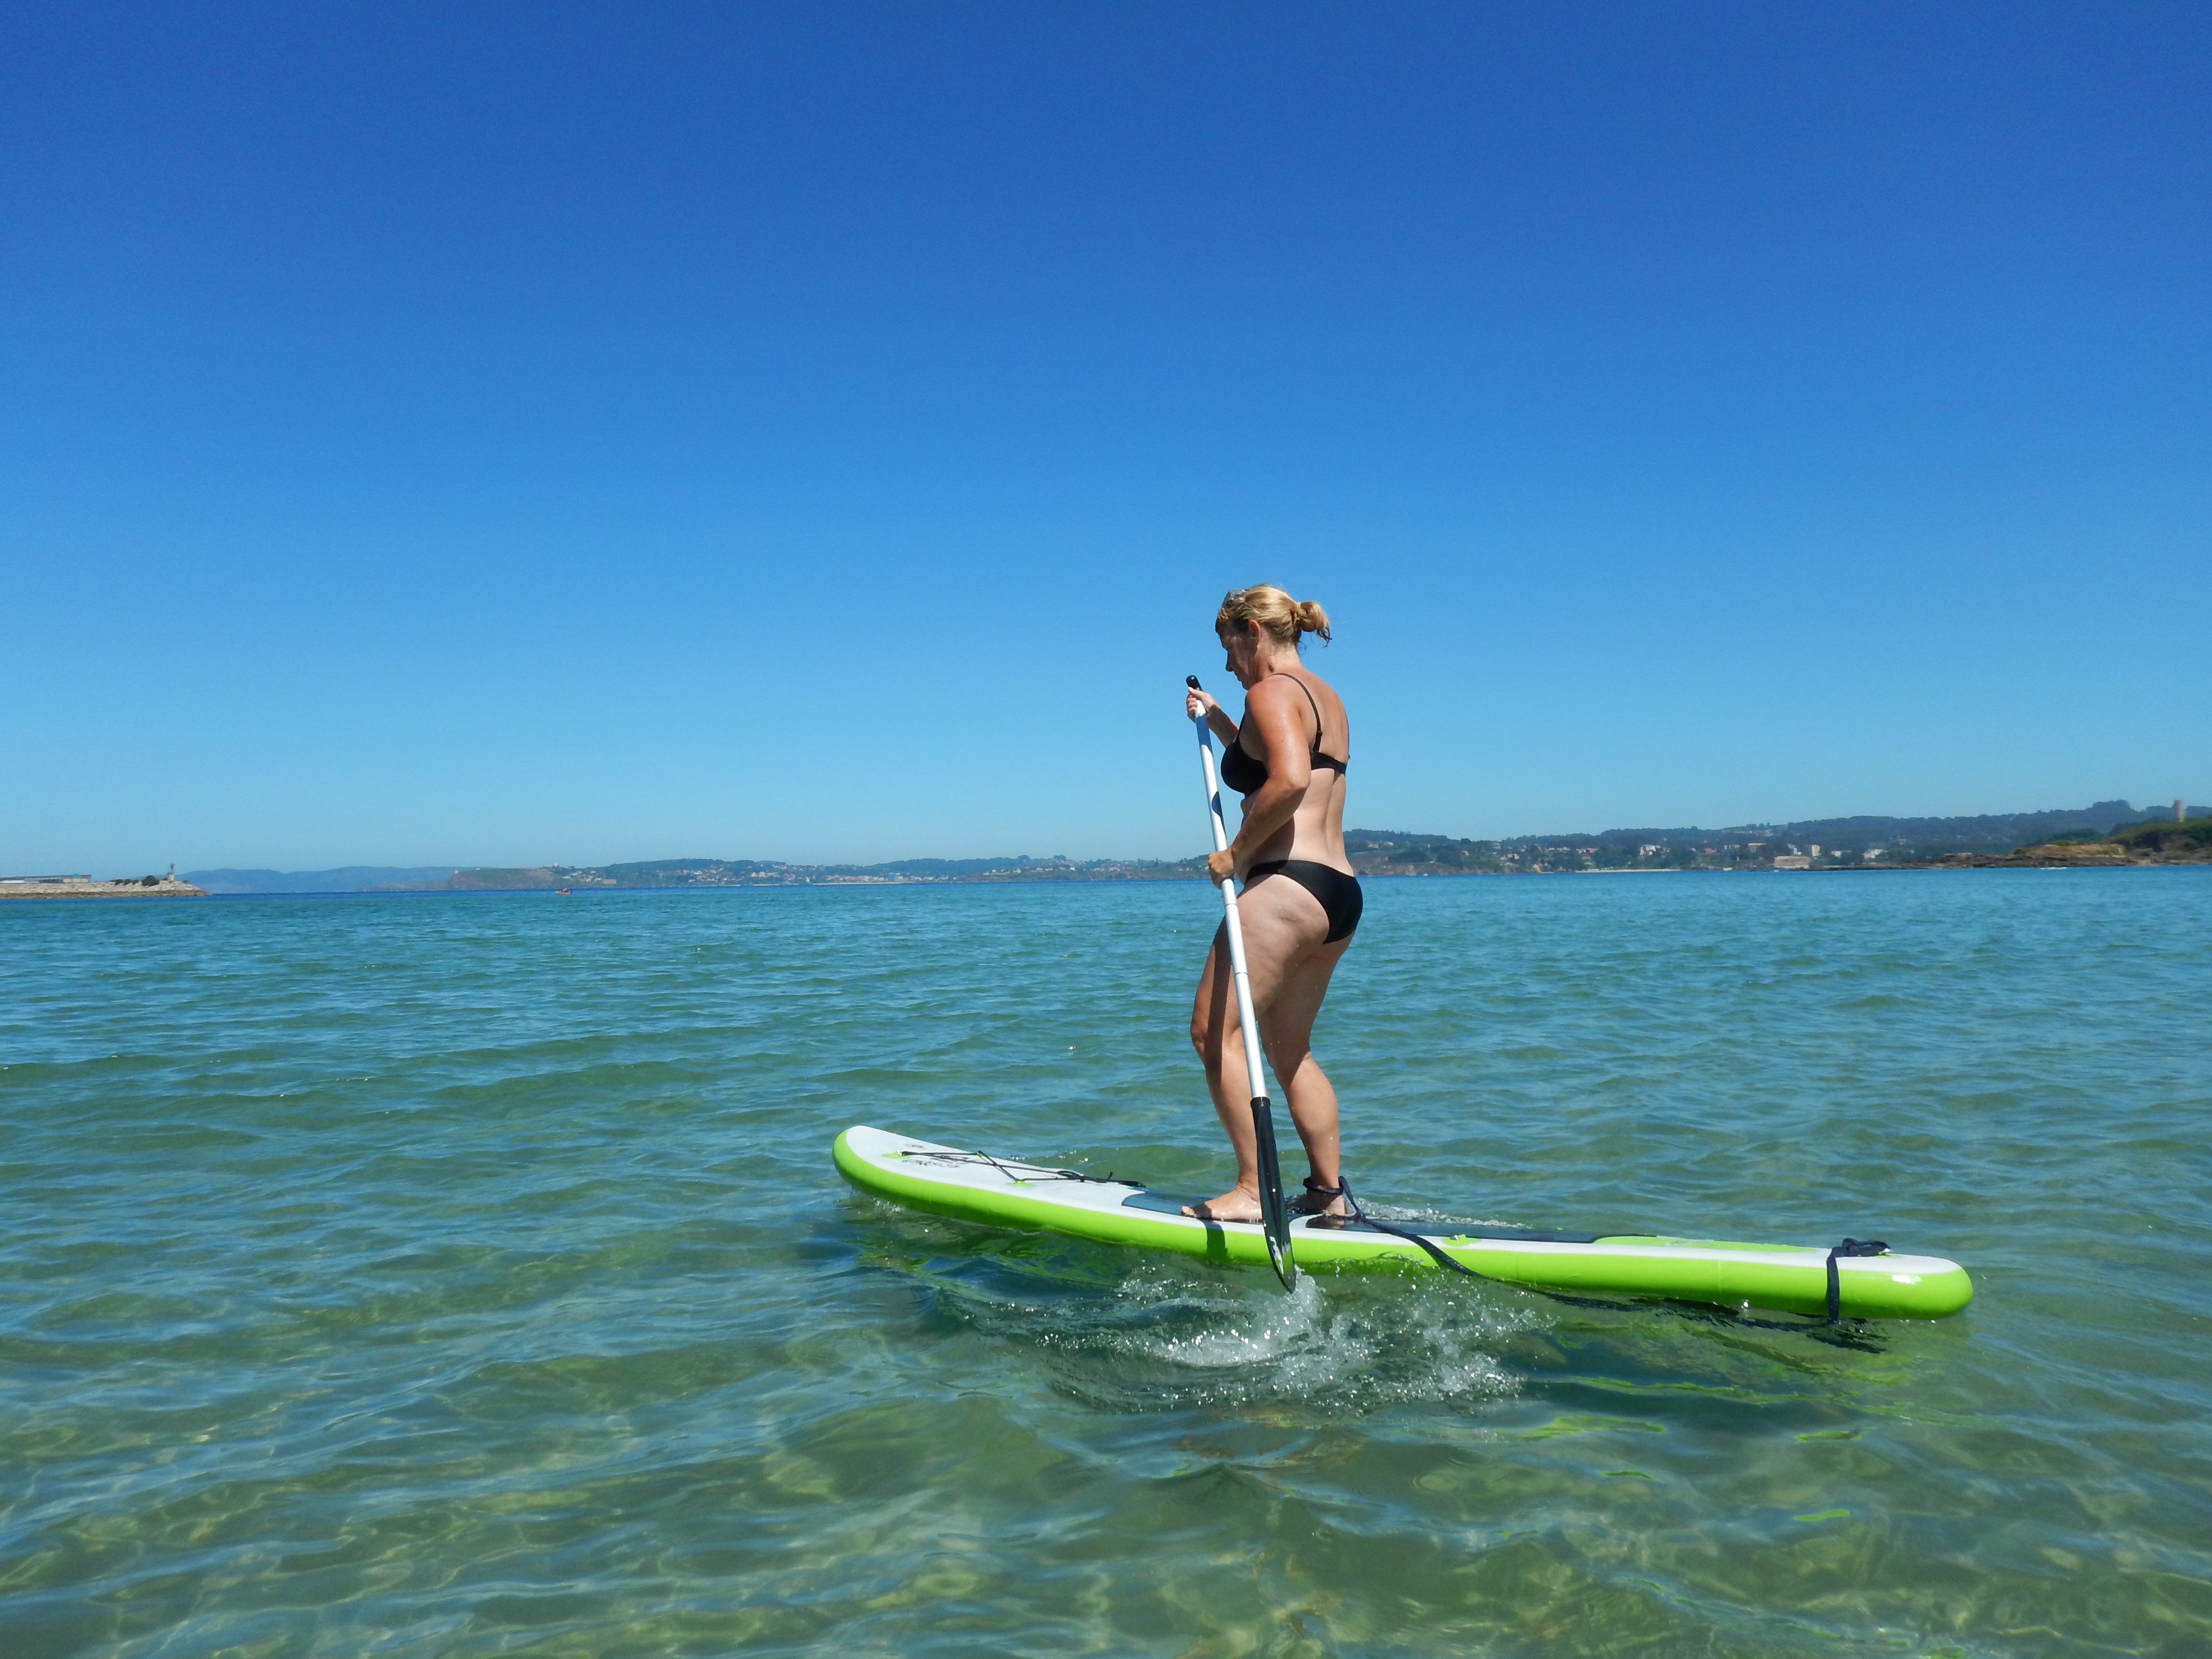 Helle på Paddle board